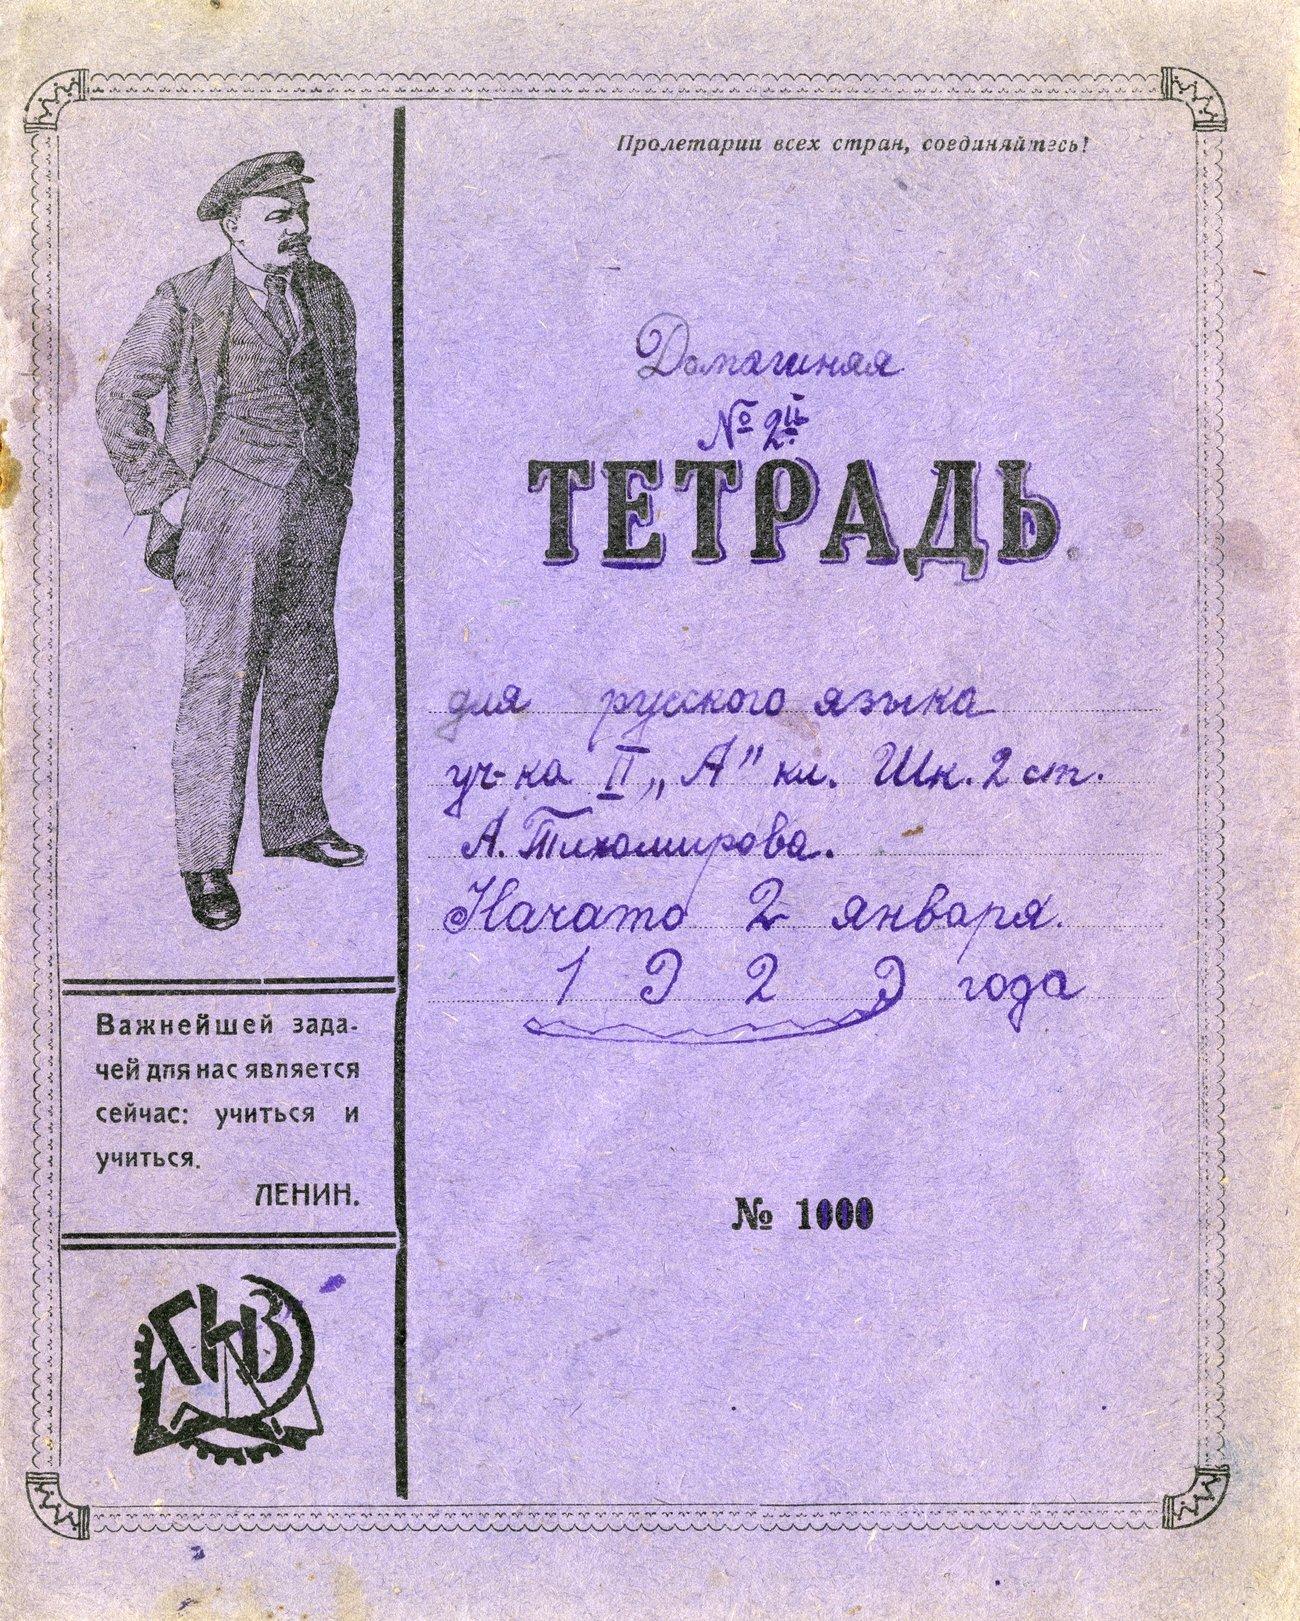 Тетрадь 040